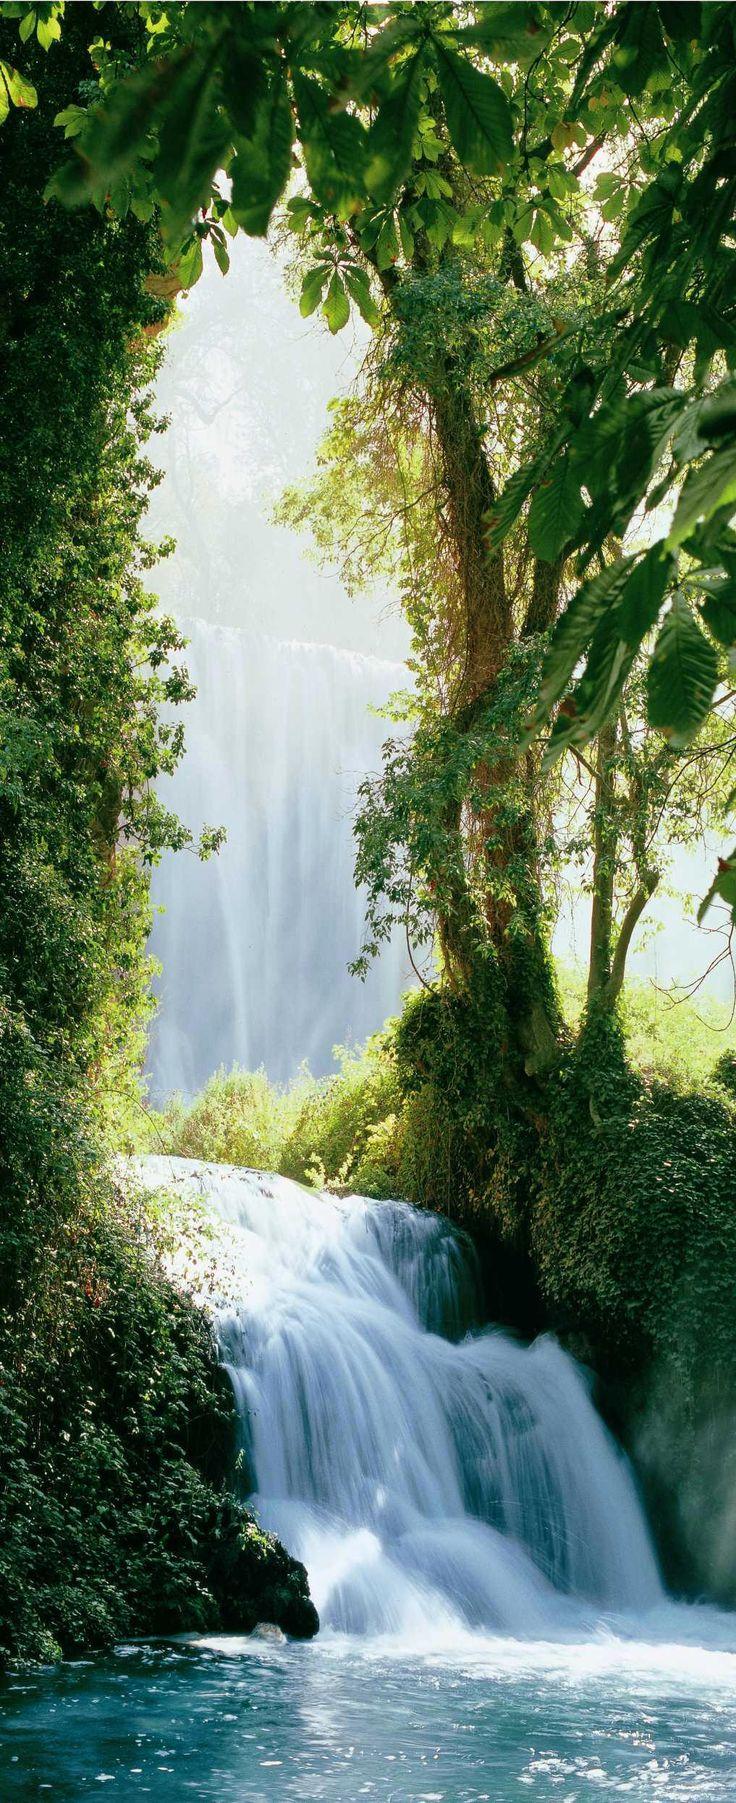 Zargoza Falls, Monasterio de Piedra, Spain